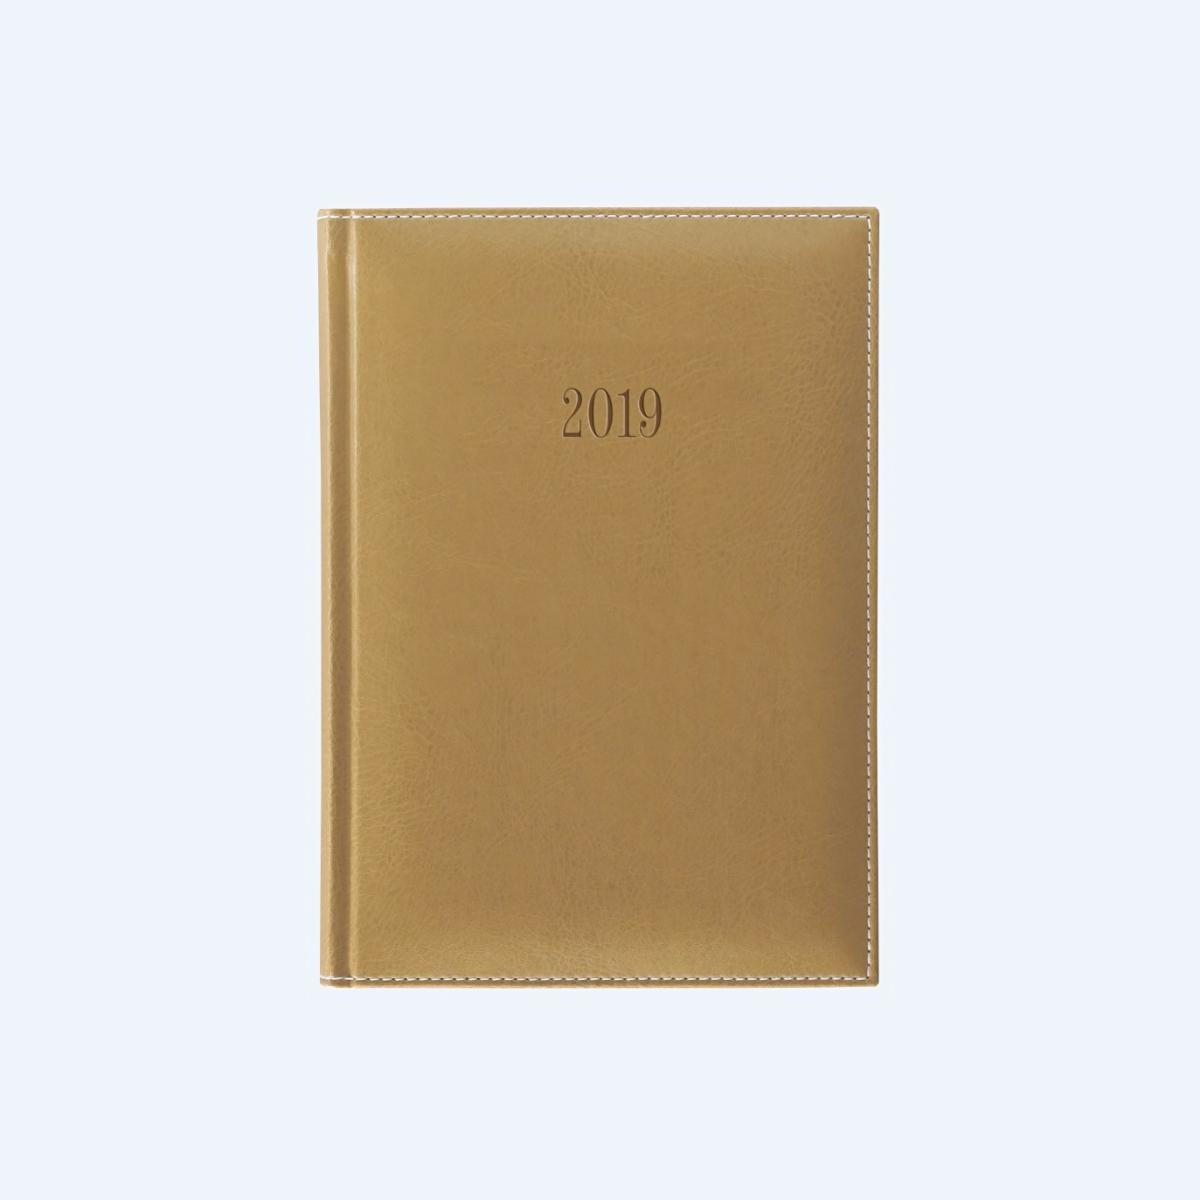 Agendă A5, Datată, 2019, 352 File, Deluxe, Diverse Culori, Herlitz, 9479720